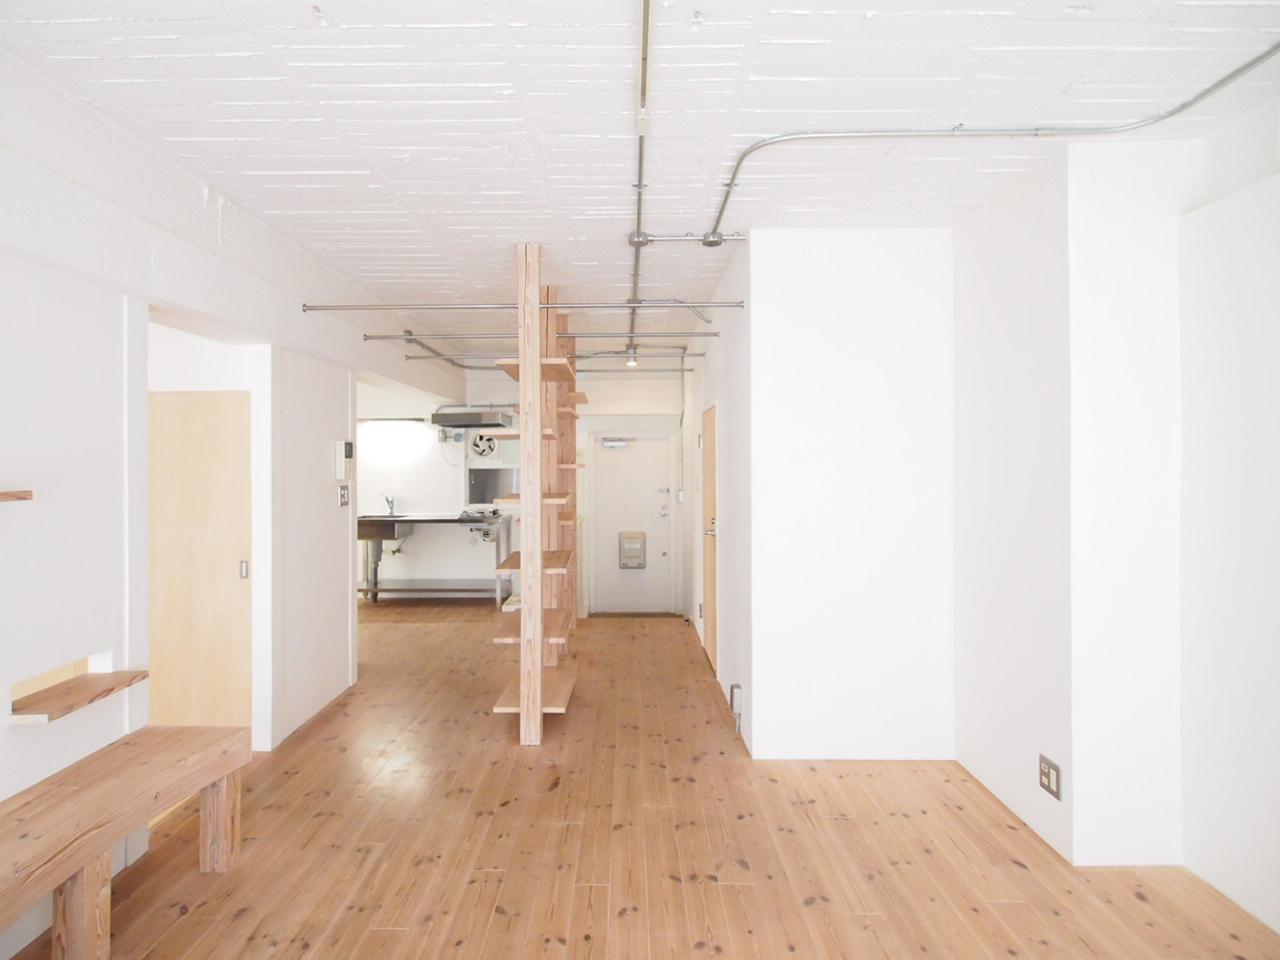 杉板本実型枠工法のコンクリートの天井